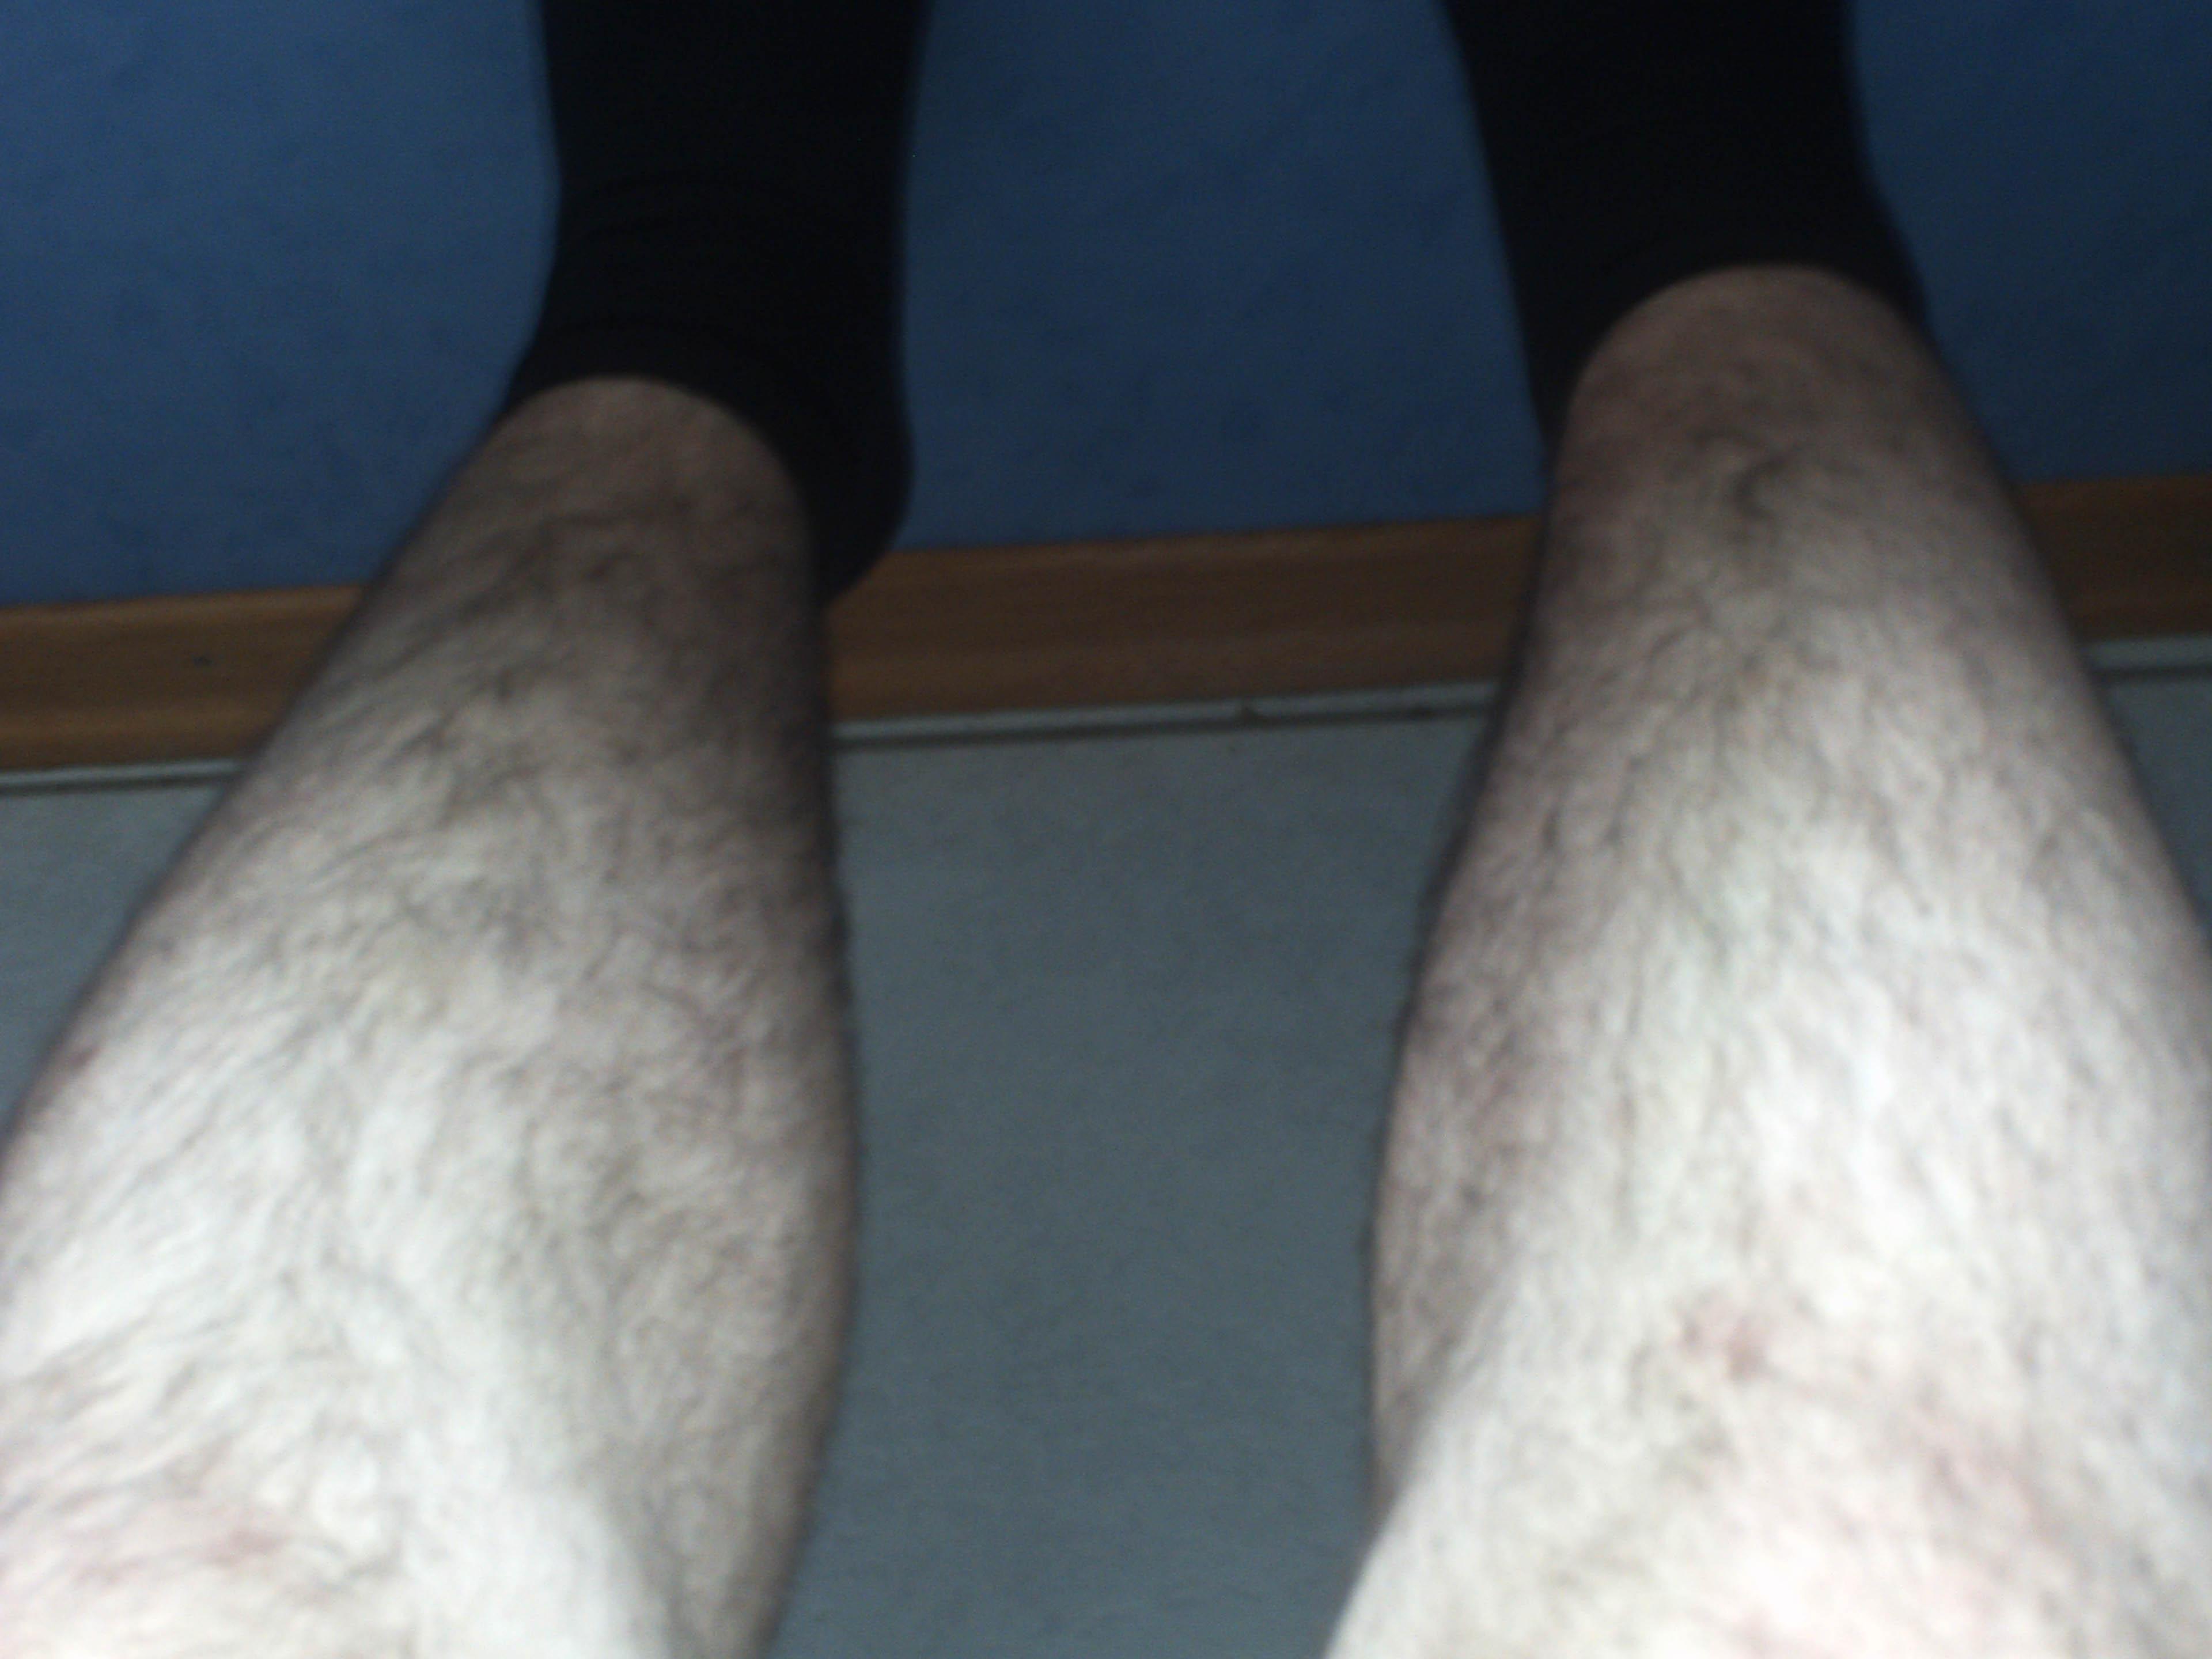 Beine zu Haarig? Rasieren ja/nein? (Haare, Aussehen, Pubertät)